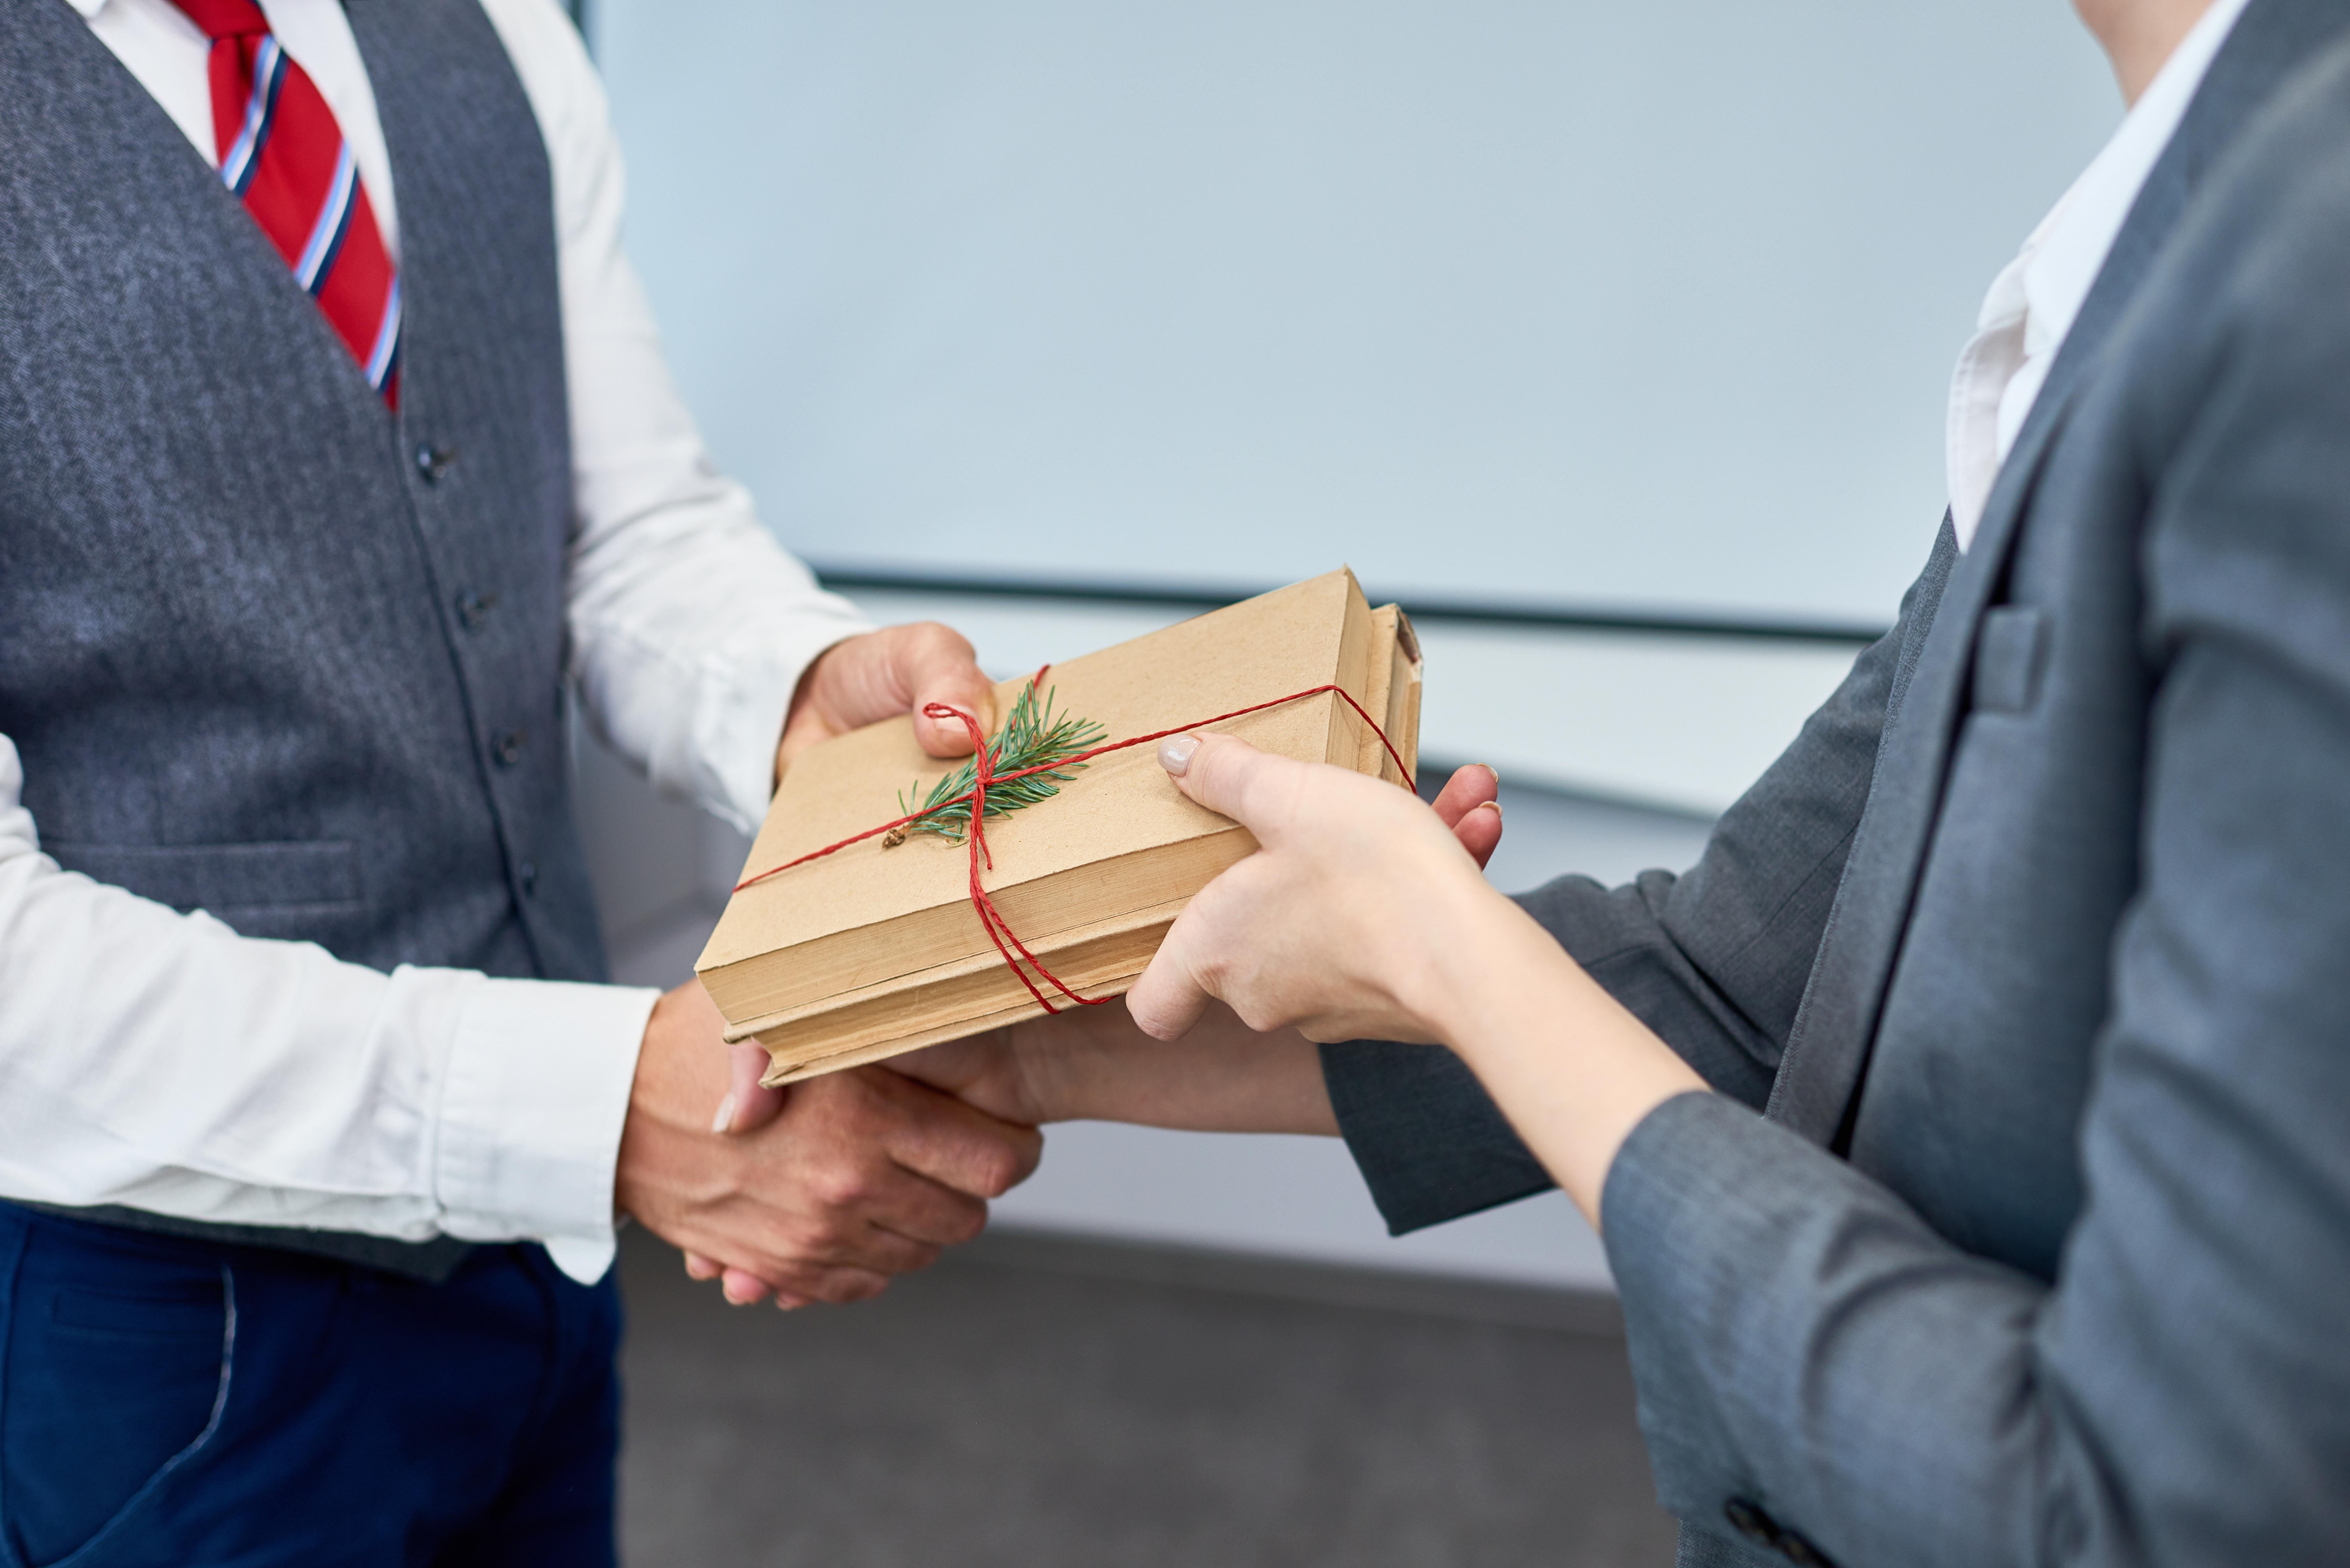 Preemia lõputööde eest, toetused ja palju muud: mida peab tänapäeval töötajale pakkuma, et ta tahaks tööle tulla? 7